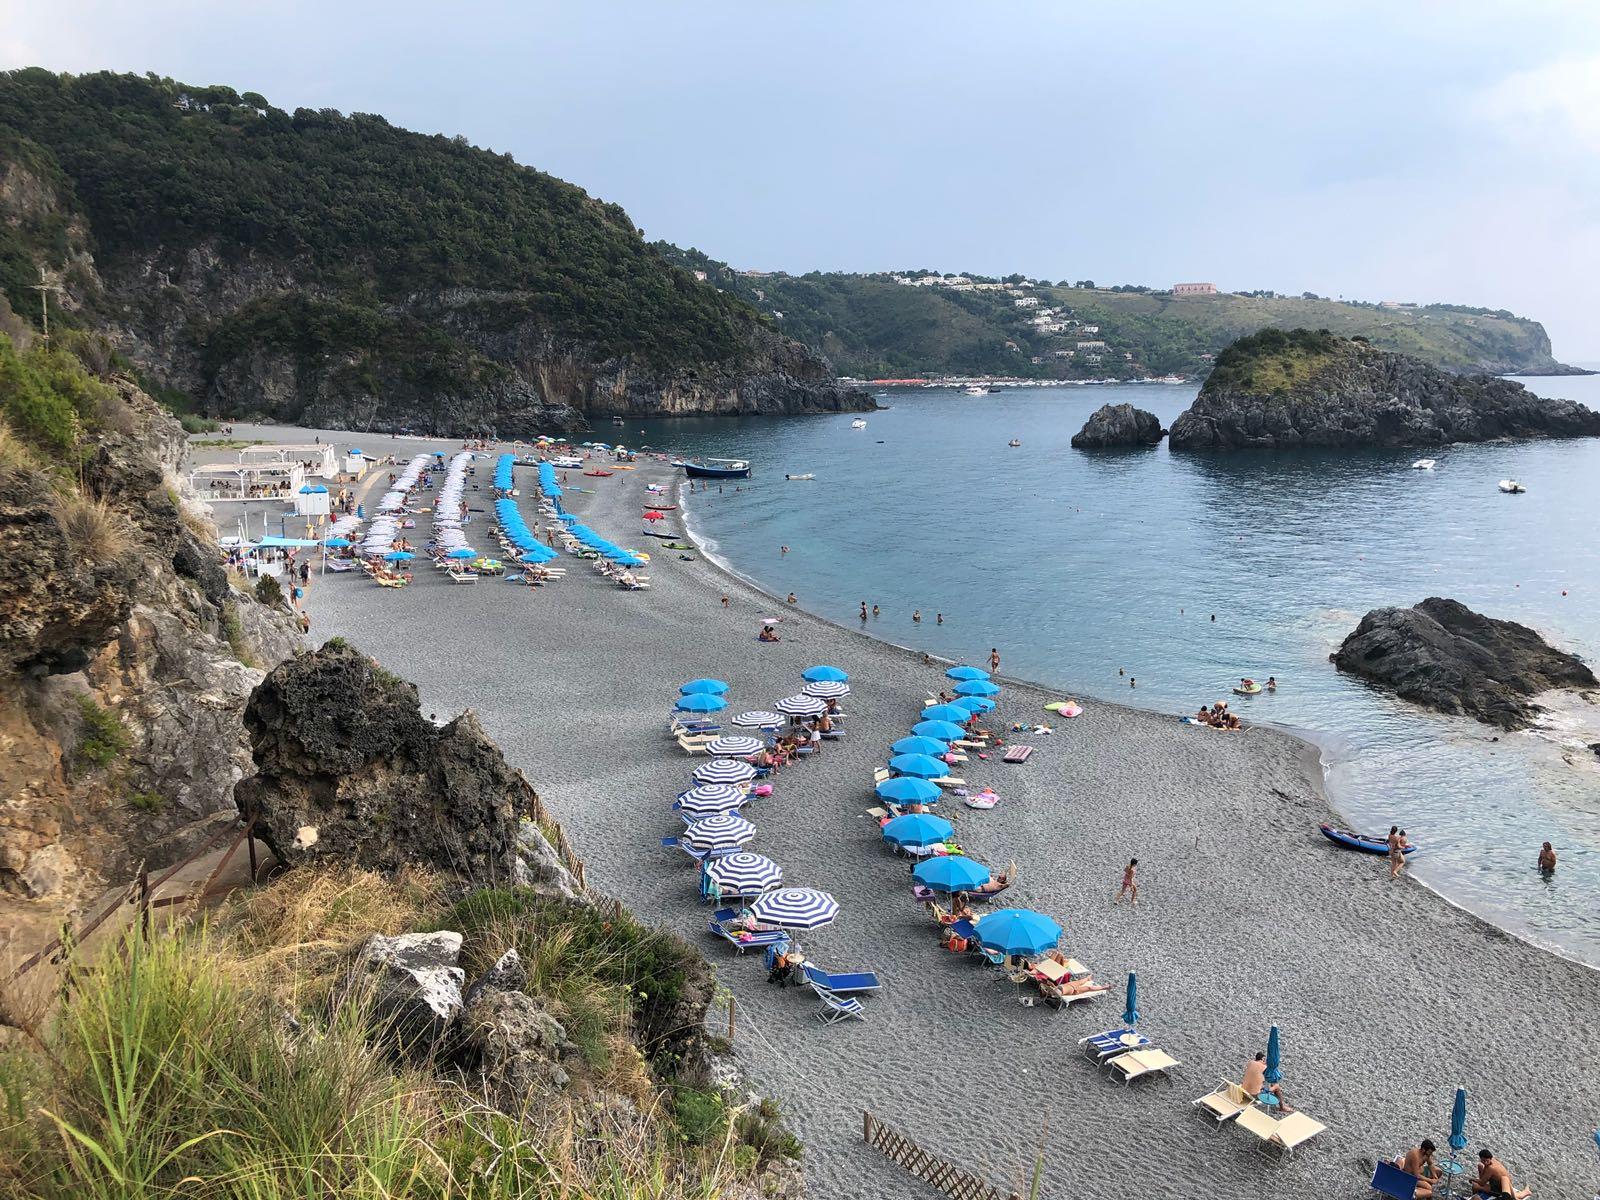 Vacanze gratis per chi ha sconfitto il Covid-19, l'iniziativa dell'imprenditore calabrese